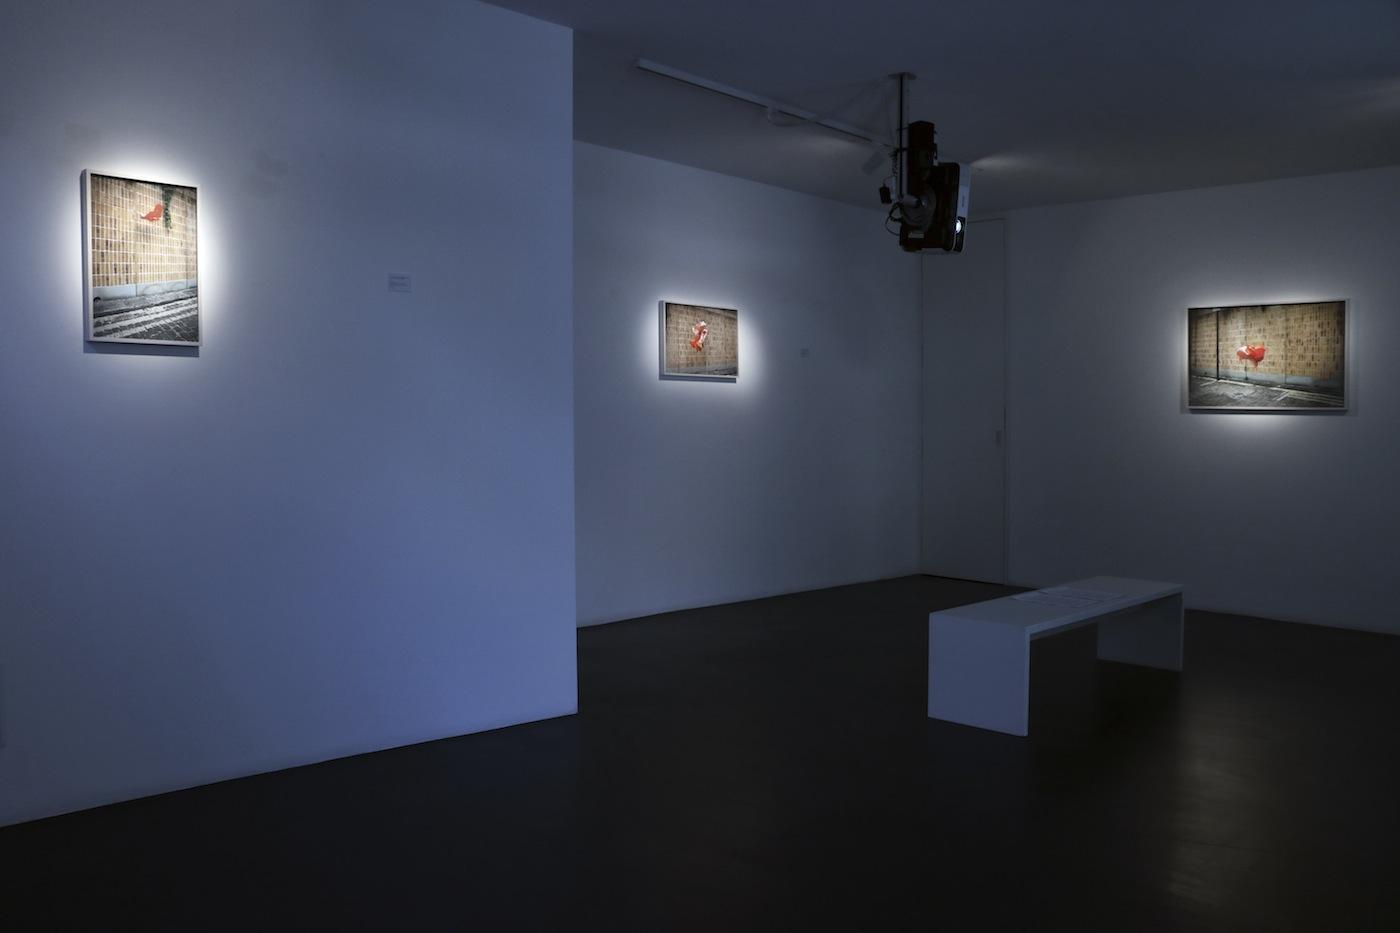 Exhibition view, Galleria Alessandro Casciaro, Bolzano, Foto: Sissa Micheli